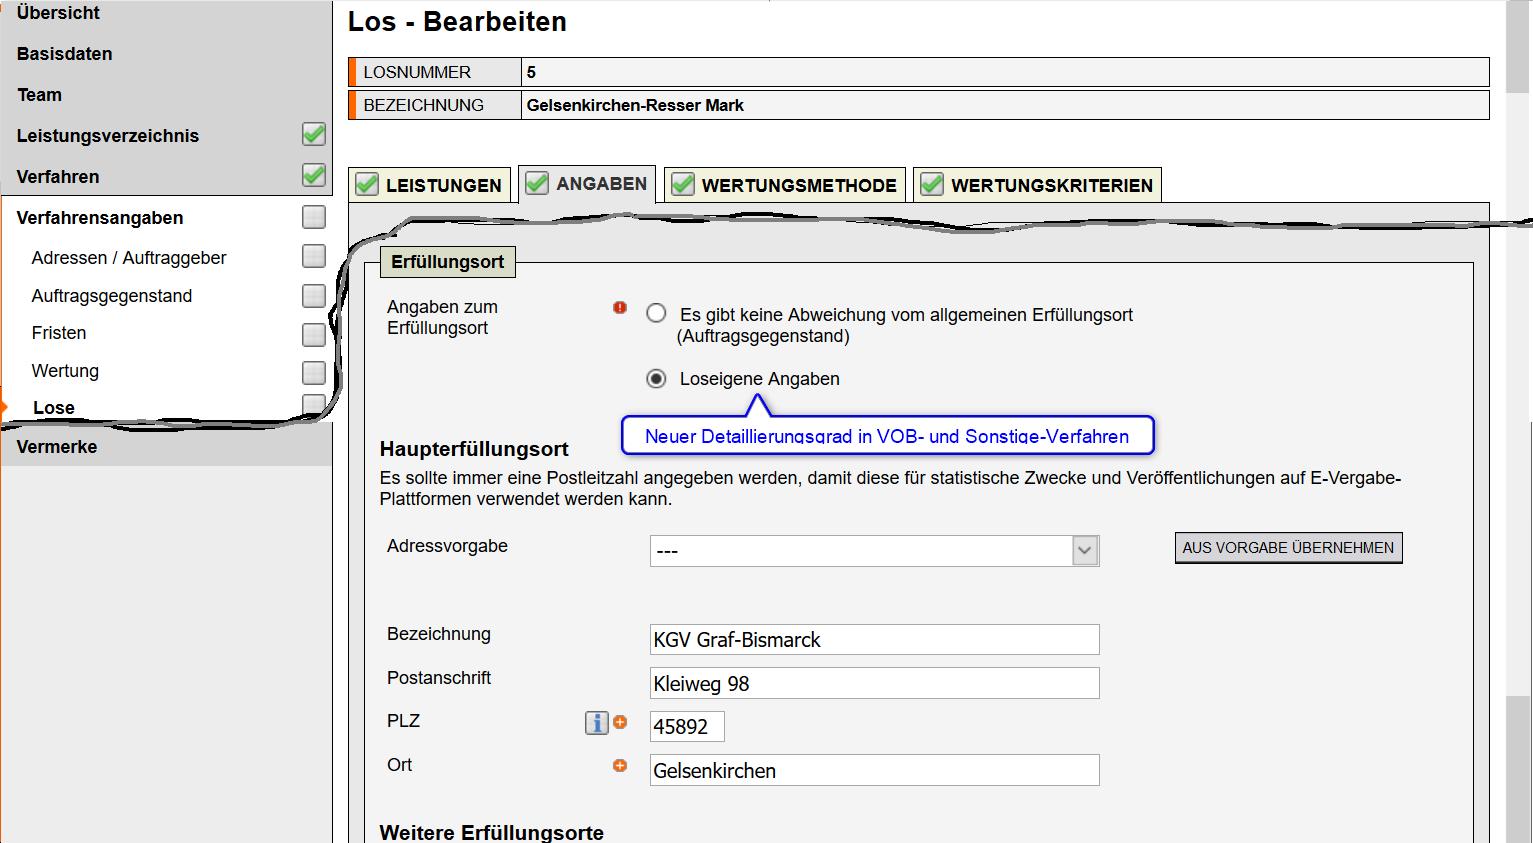 Screenshot VMS zu Losangaben (insb. Adressen) im VOB-Bereich